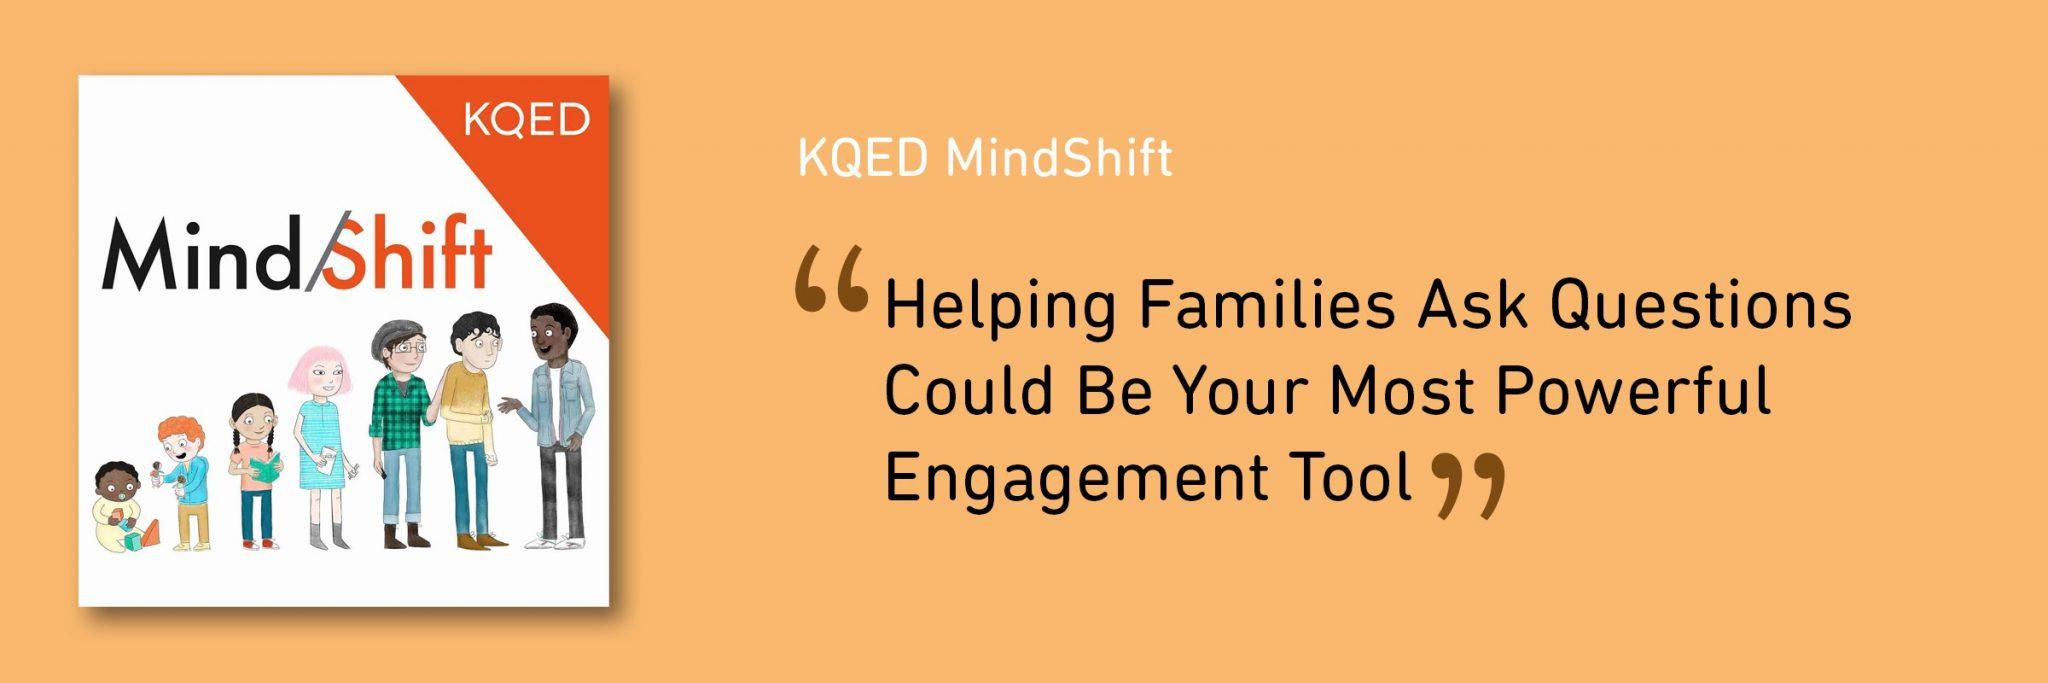 KQED MindShift